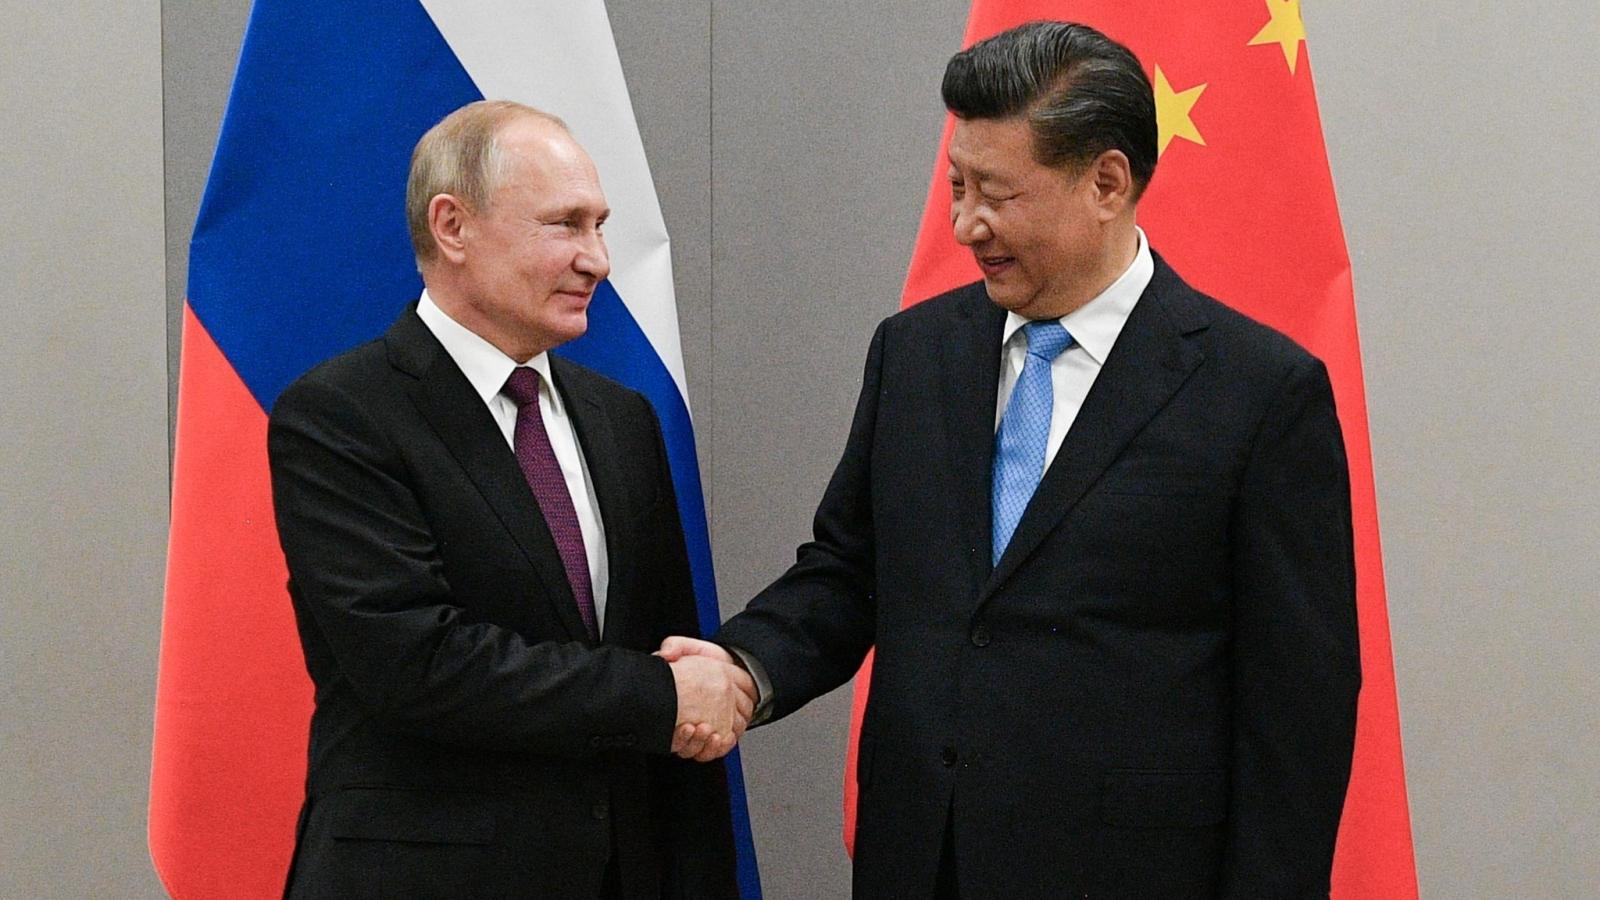 Bộ đôi quyền lực Nga-Trung Quốc và những mối liên kết không thể tách rời